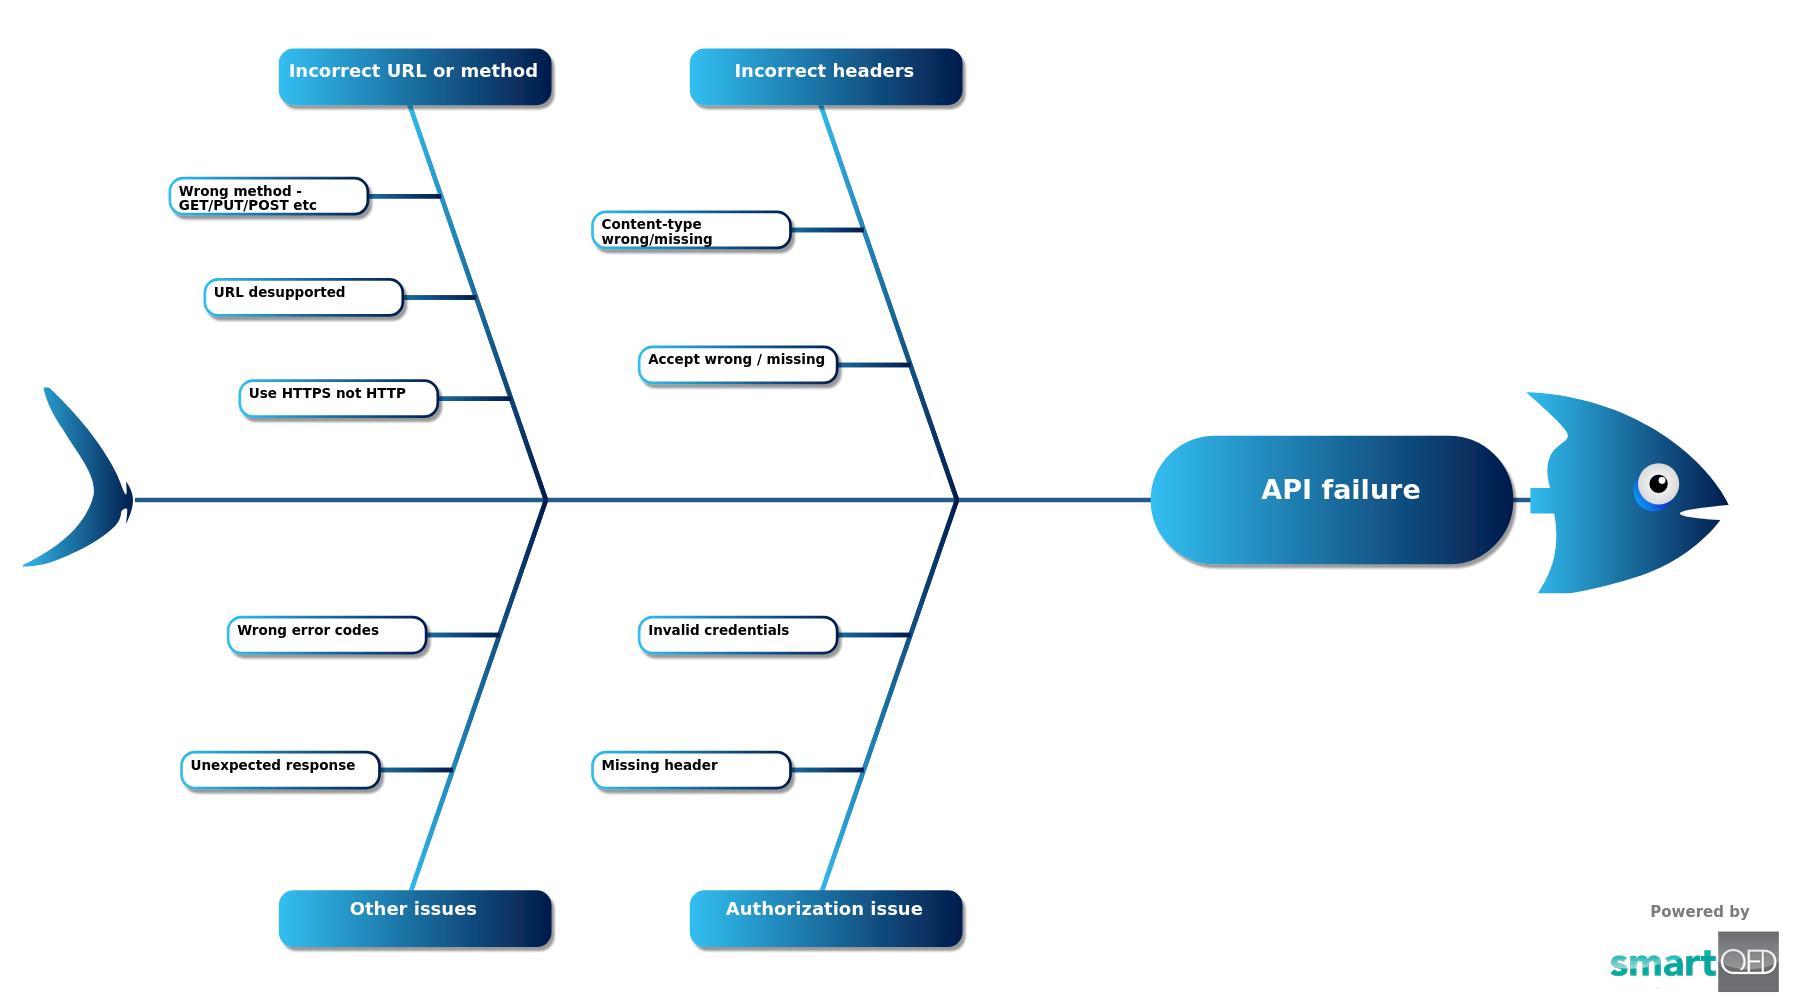 API Failure